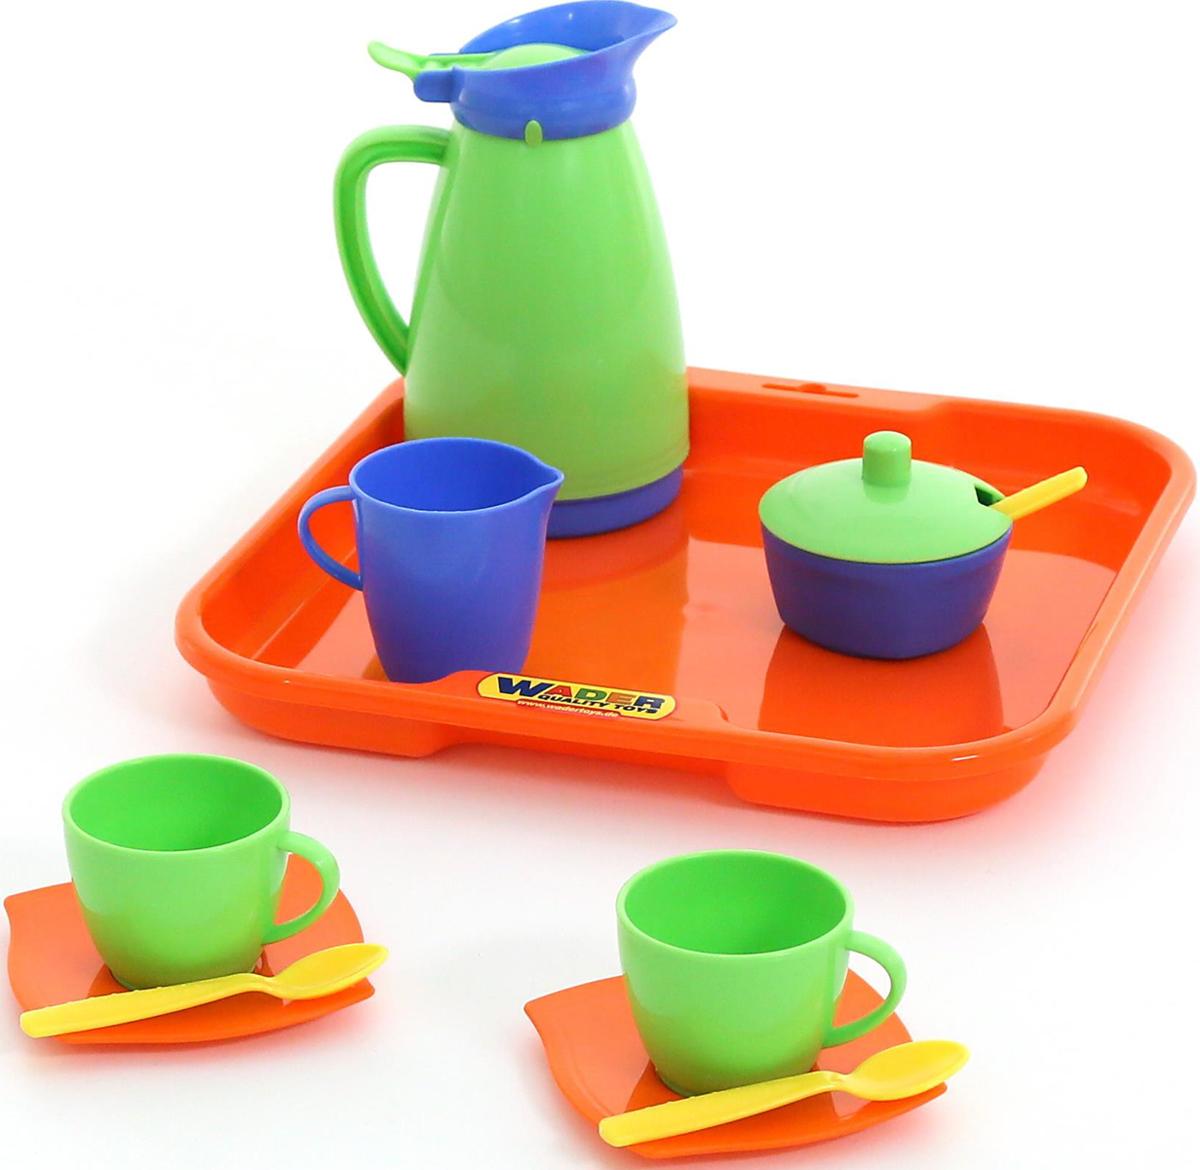 Полесье Набор игрушечной посуды Алиса 40572, цвет в ассортименте ролевые игры лена набор посуды чайный набор two tea